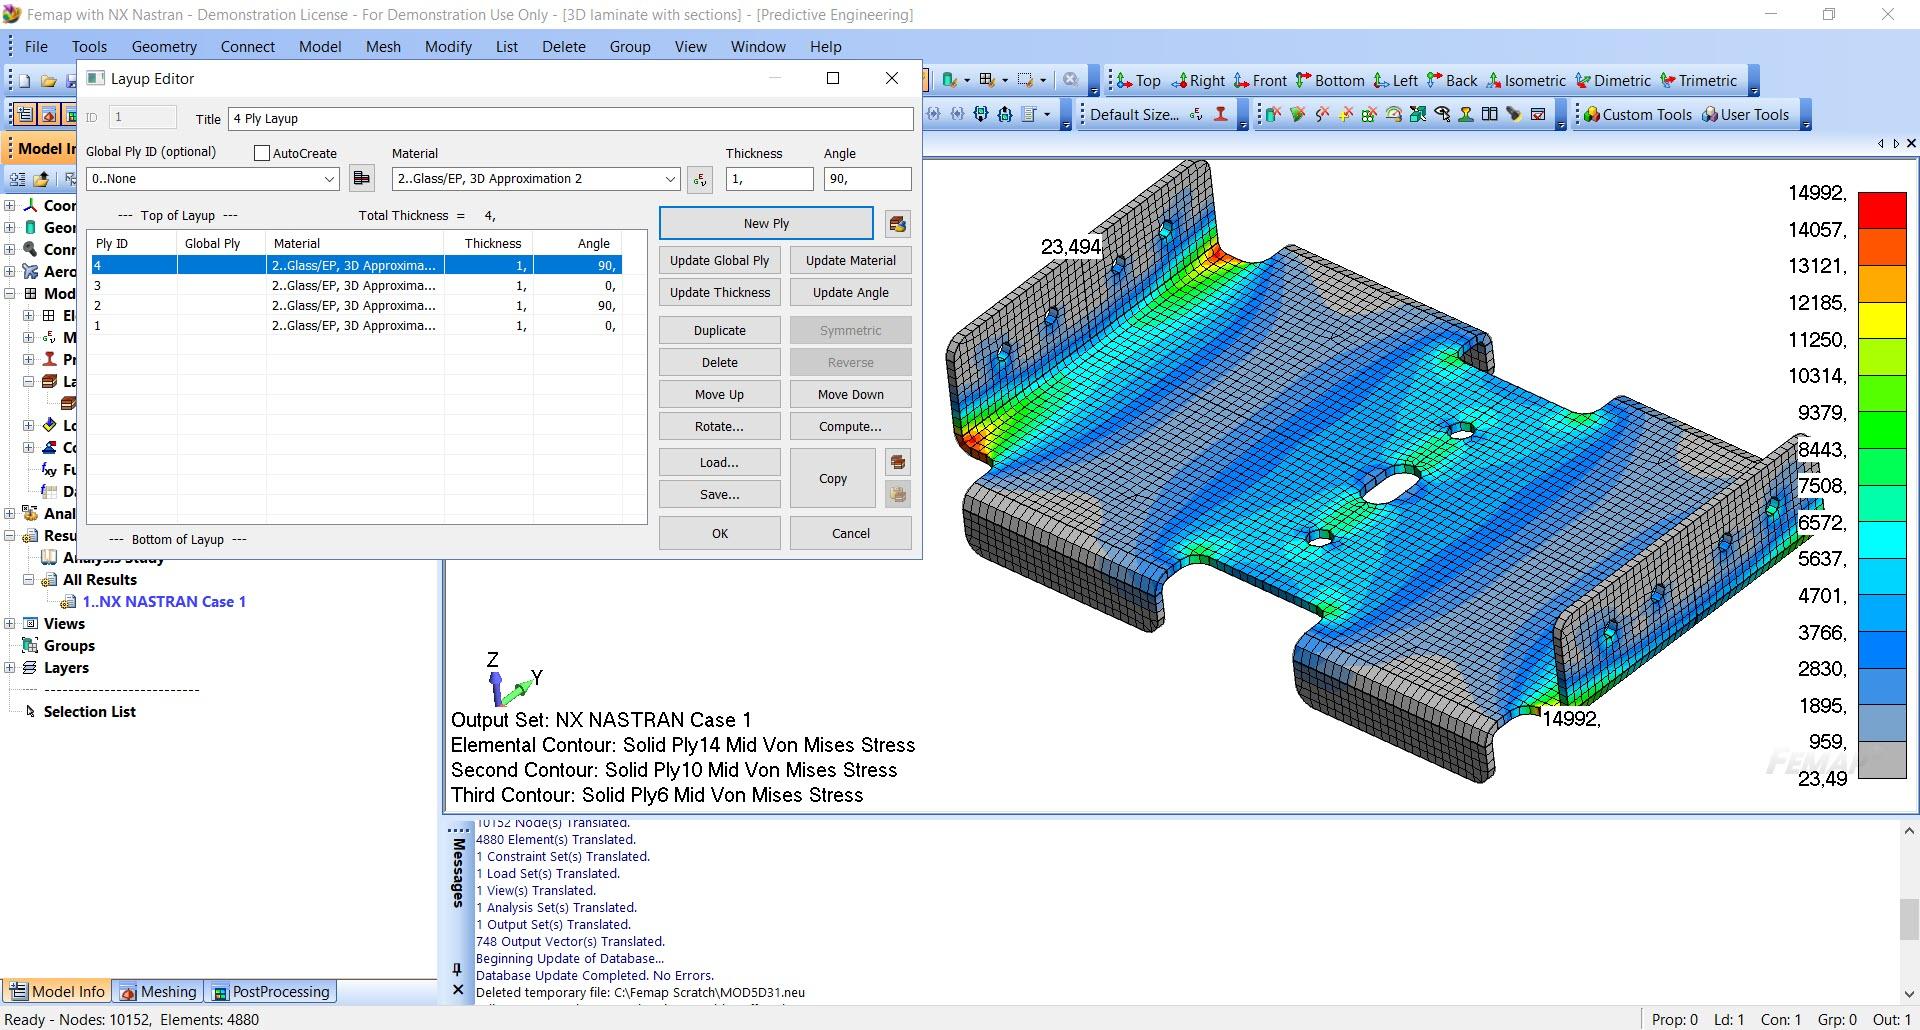 FEMAP with NX Nastran: Моделирование конструкций из композиционных материалов, обучение